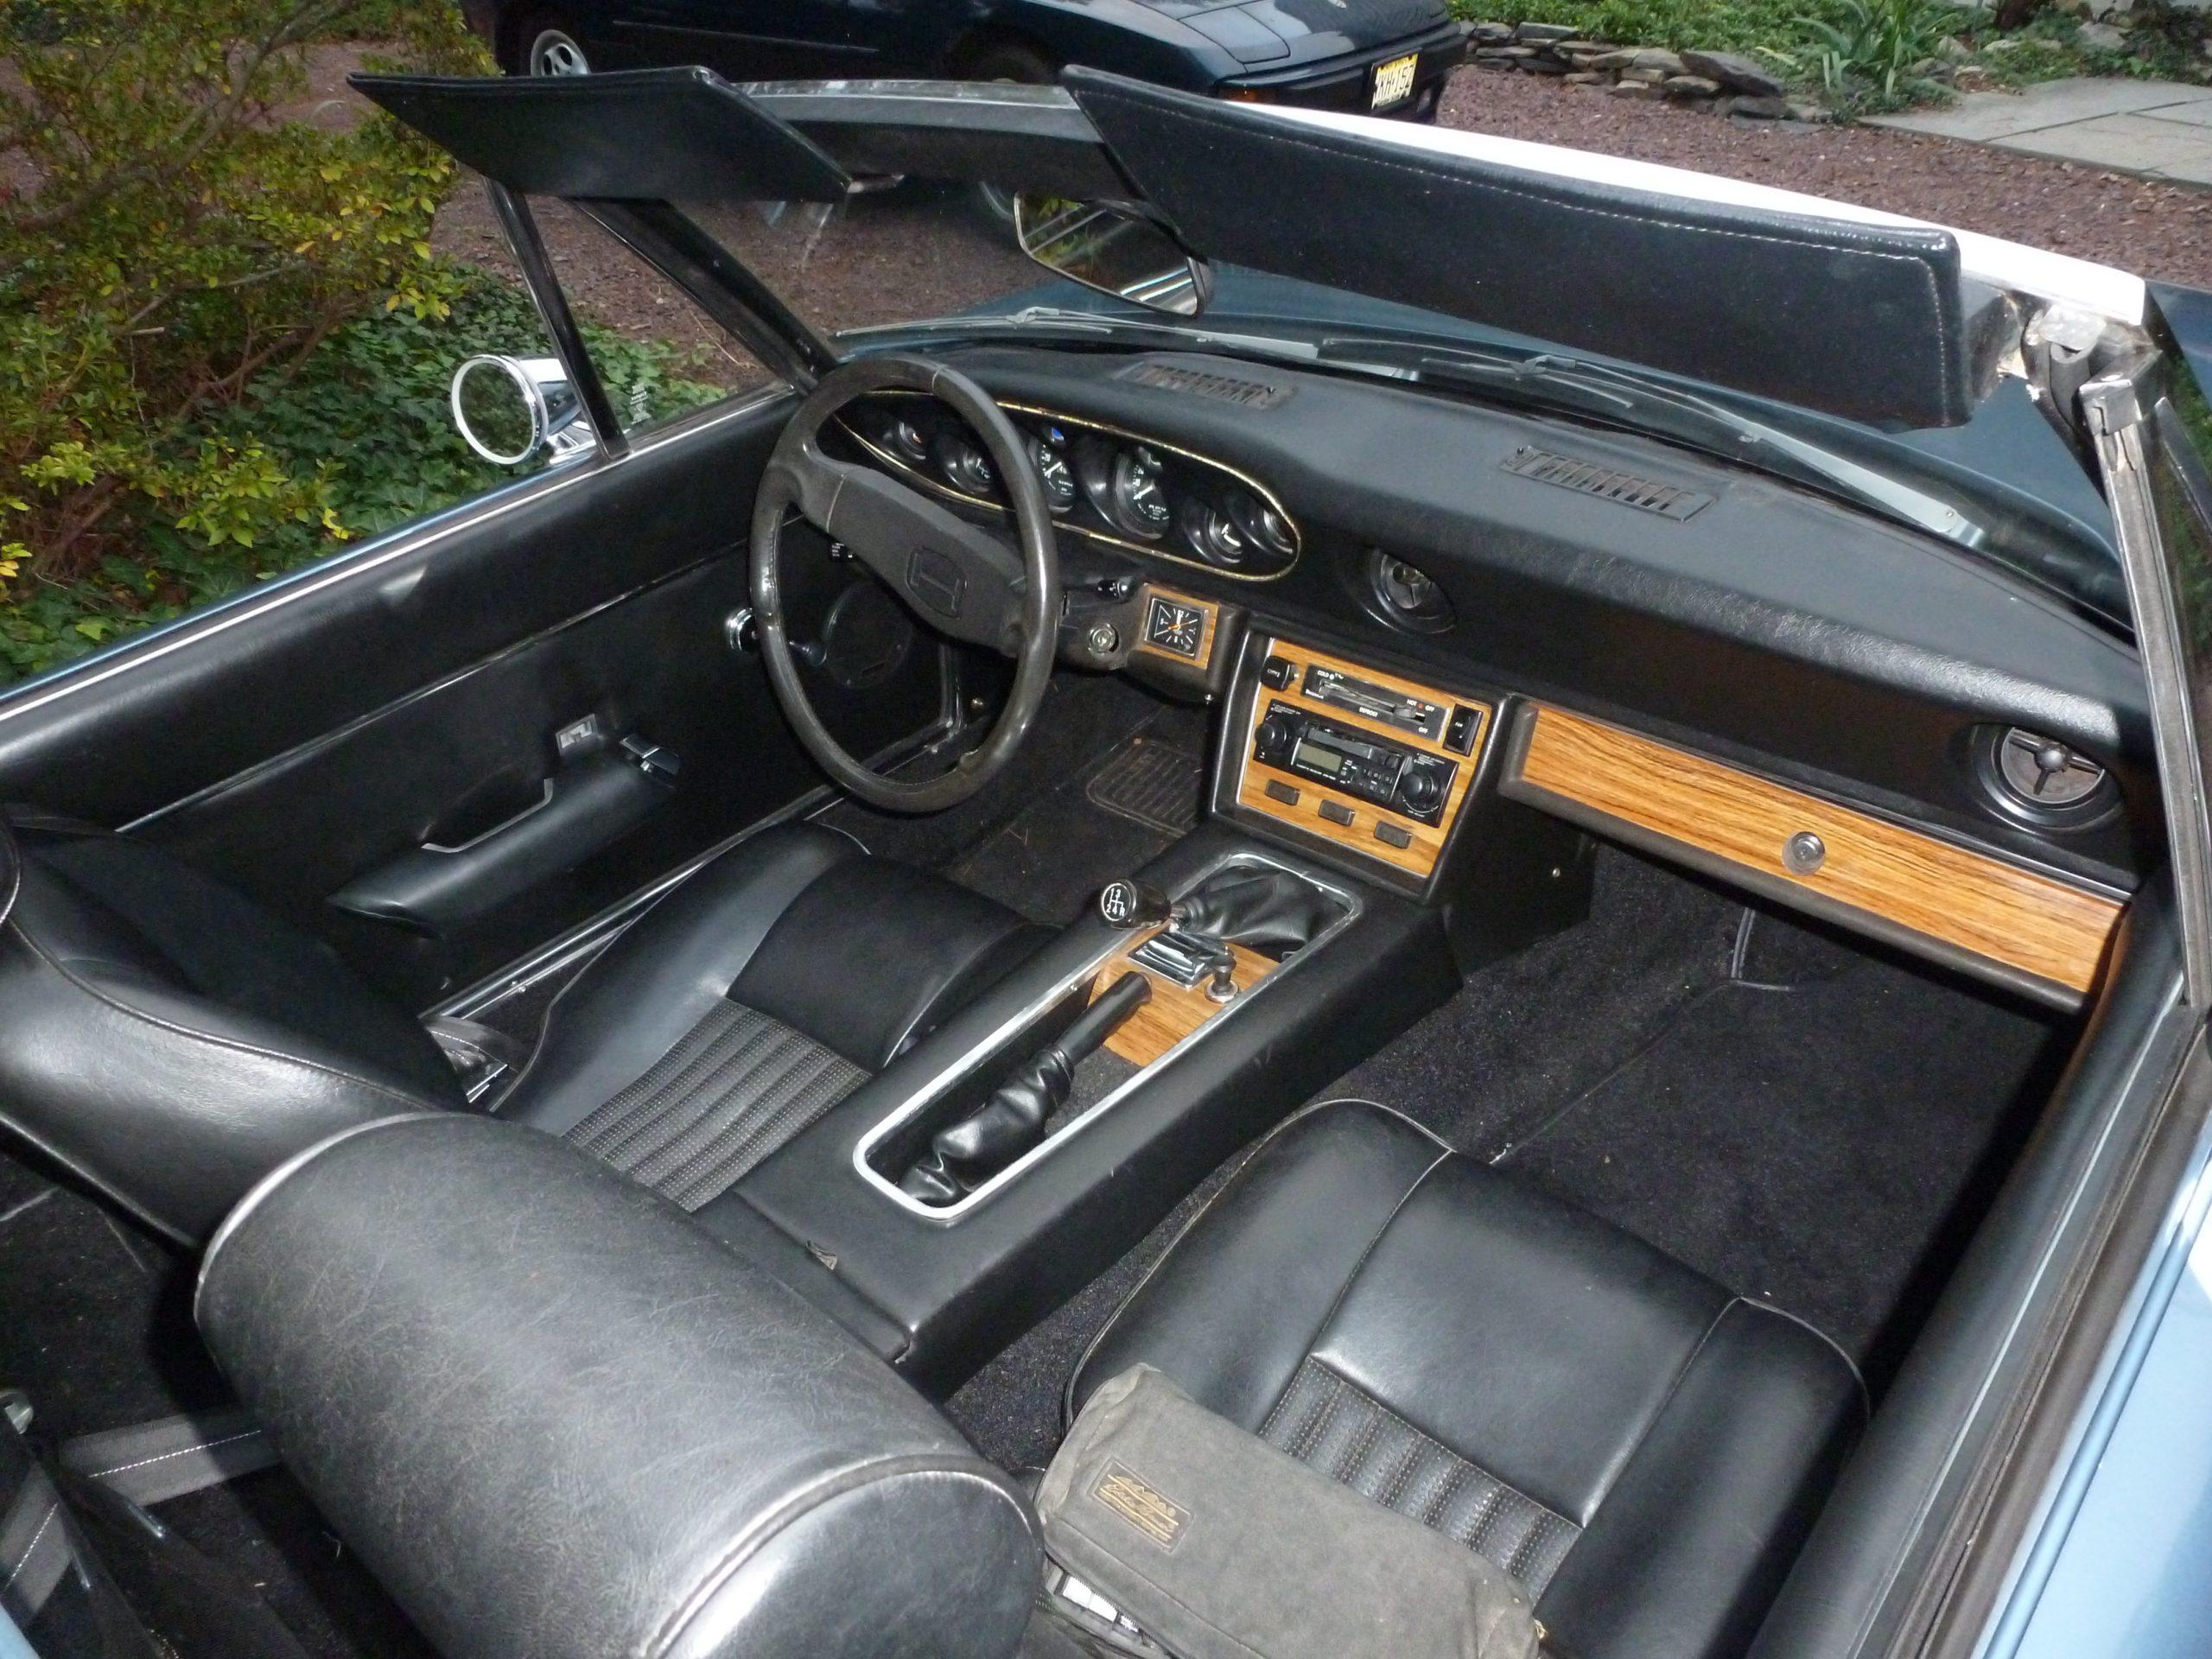 1974 Jensen-Healey interior